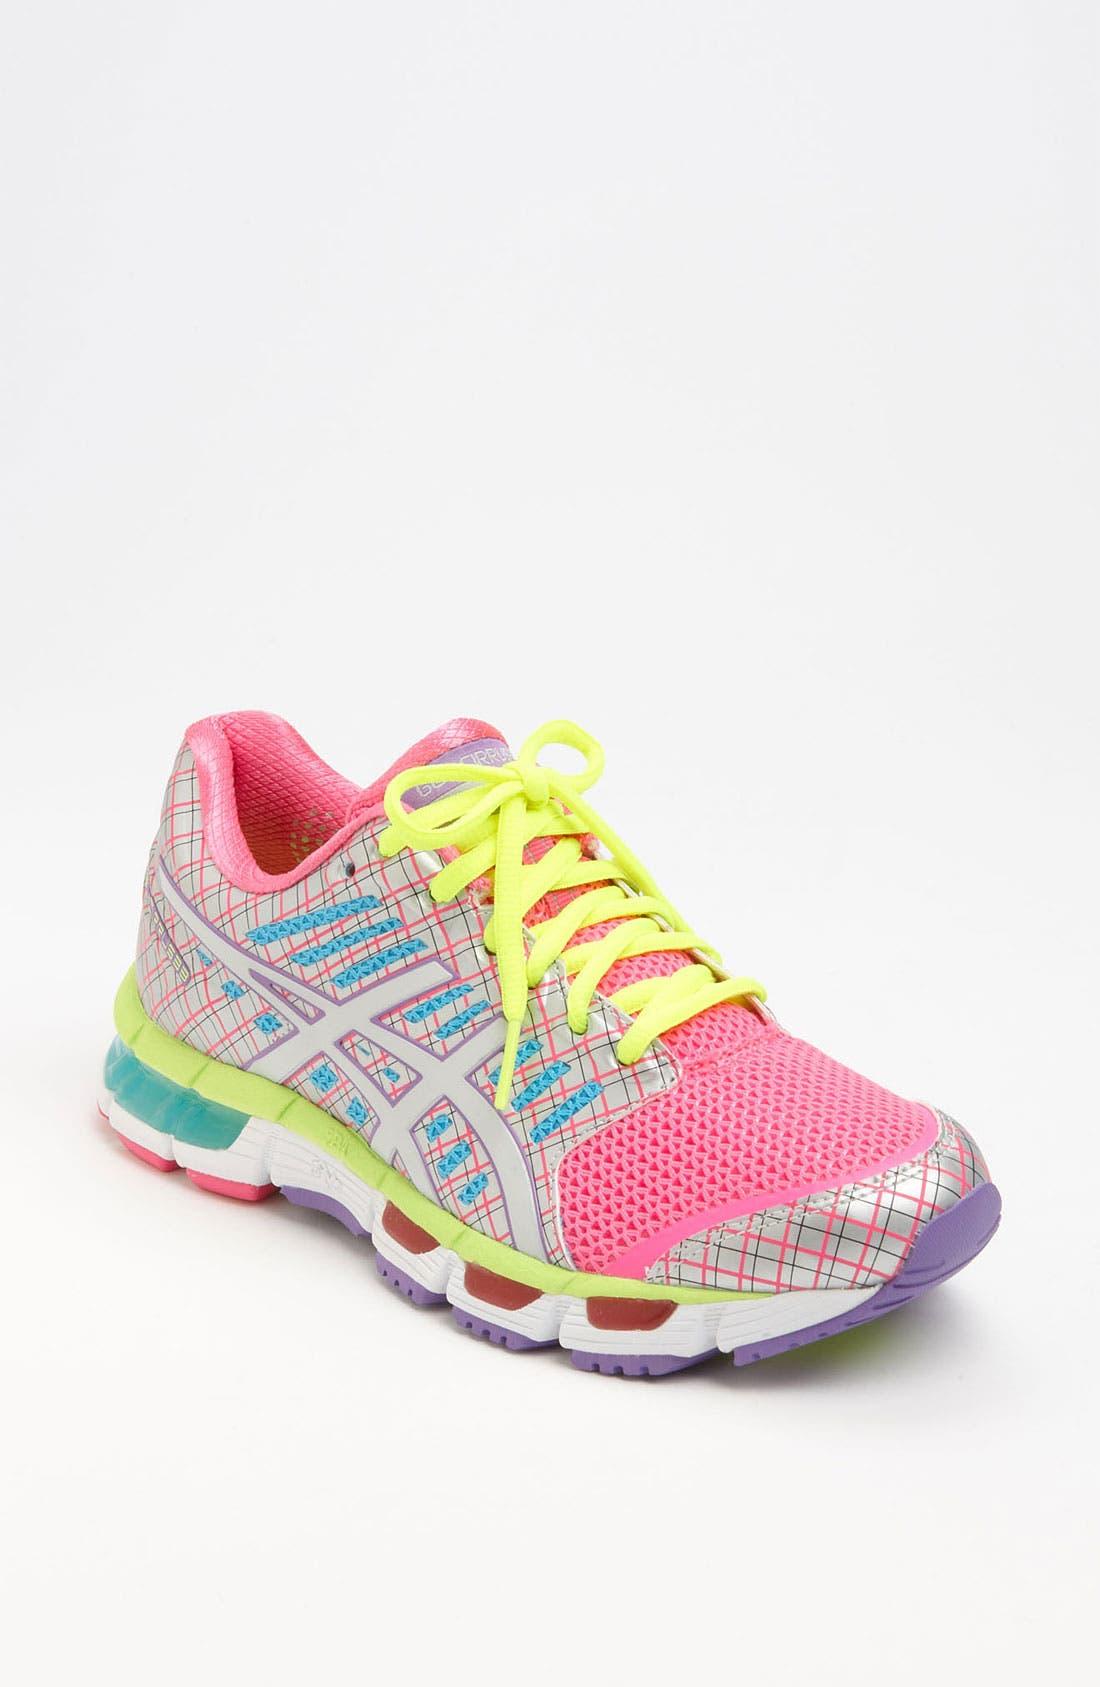 Alternate Image 1 Selected - ASICS® 'GEL-Cirrus 33' Running Shoe (Women)